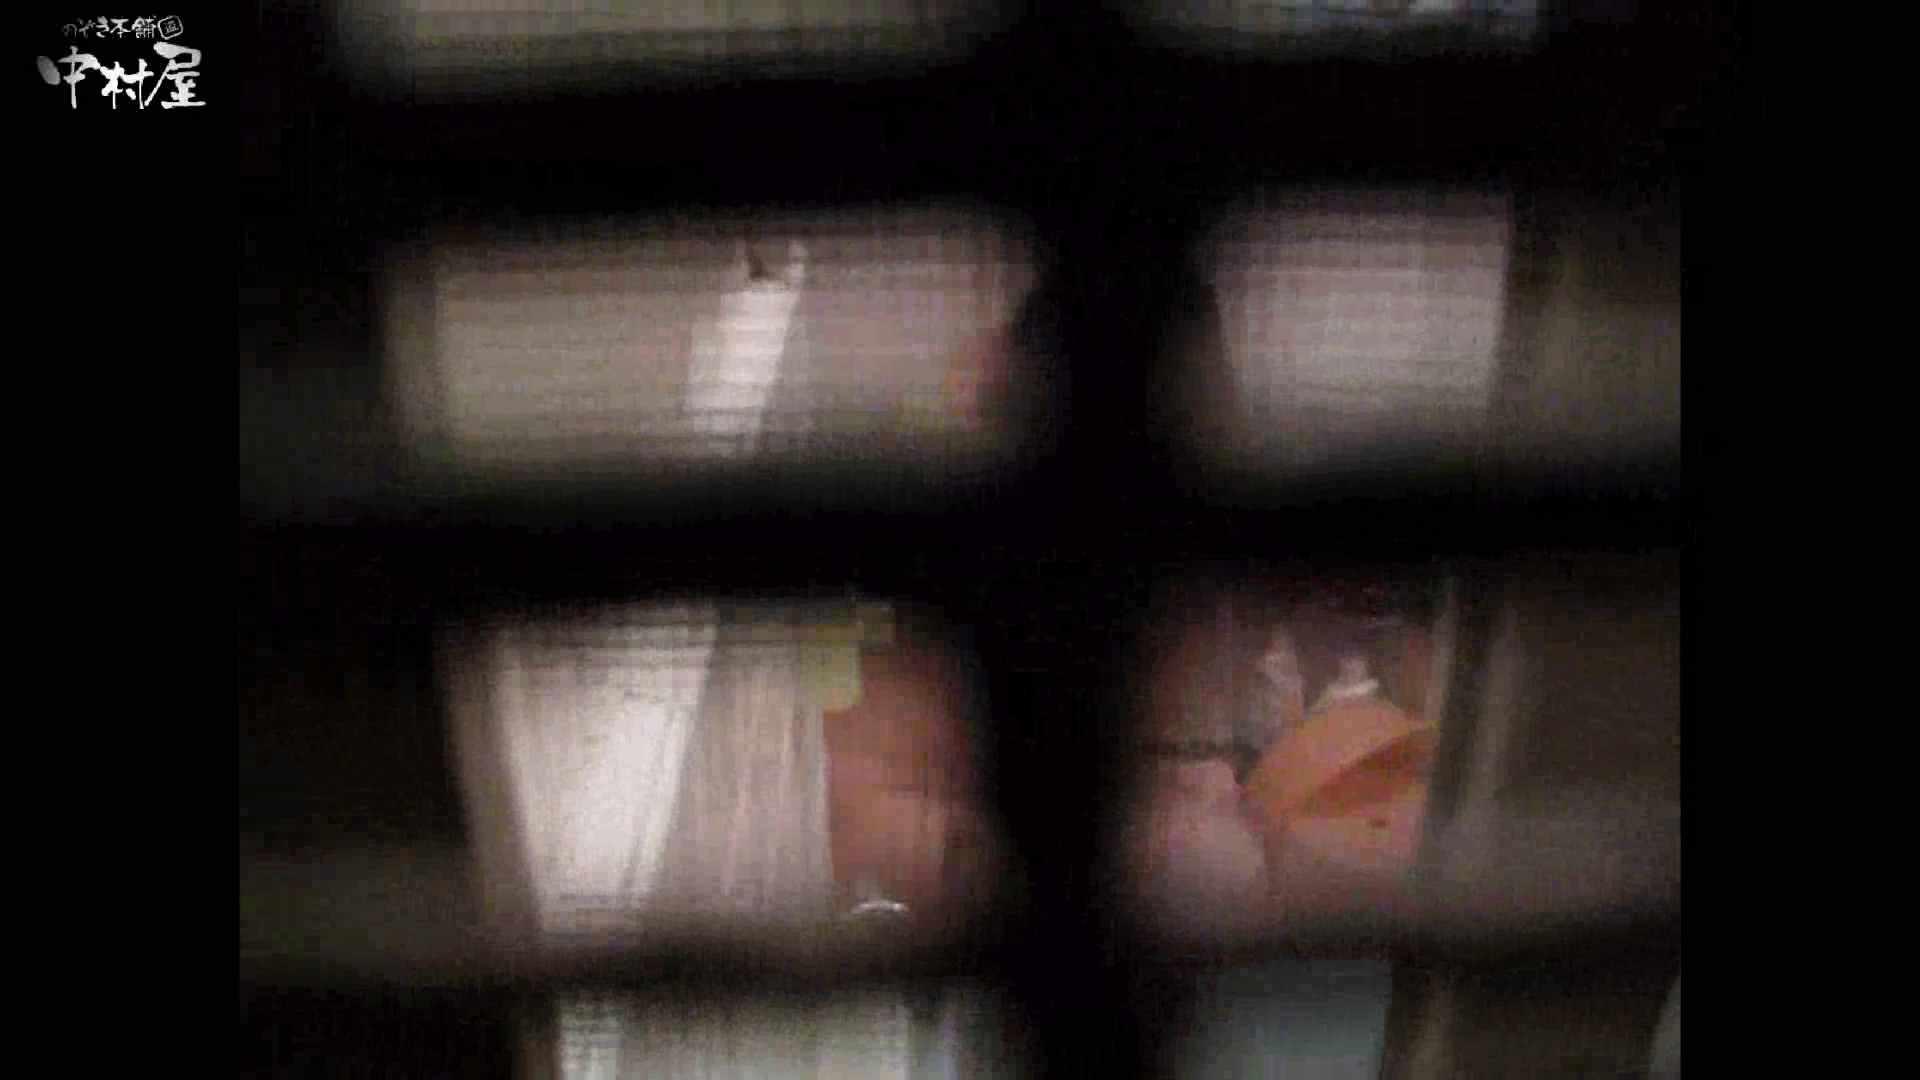 民家風呂専門盗撮師の超危険映像 vol.017 民家で・・  10枚 10